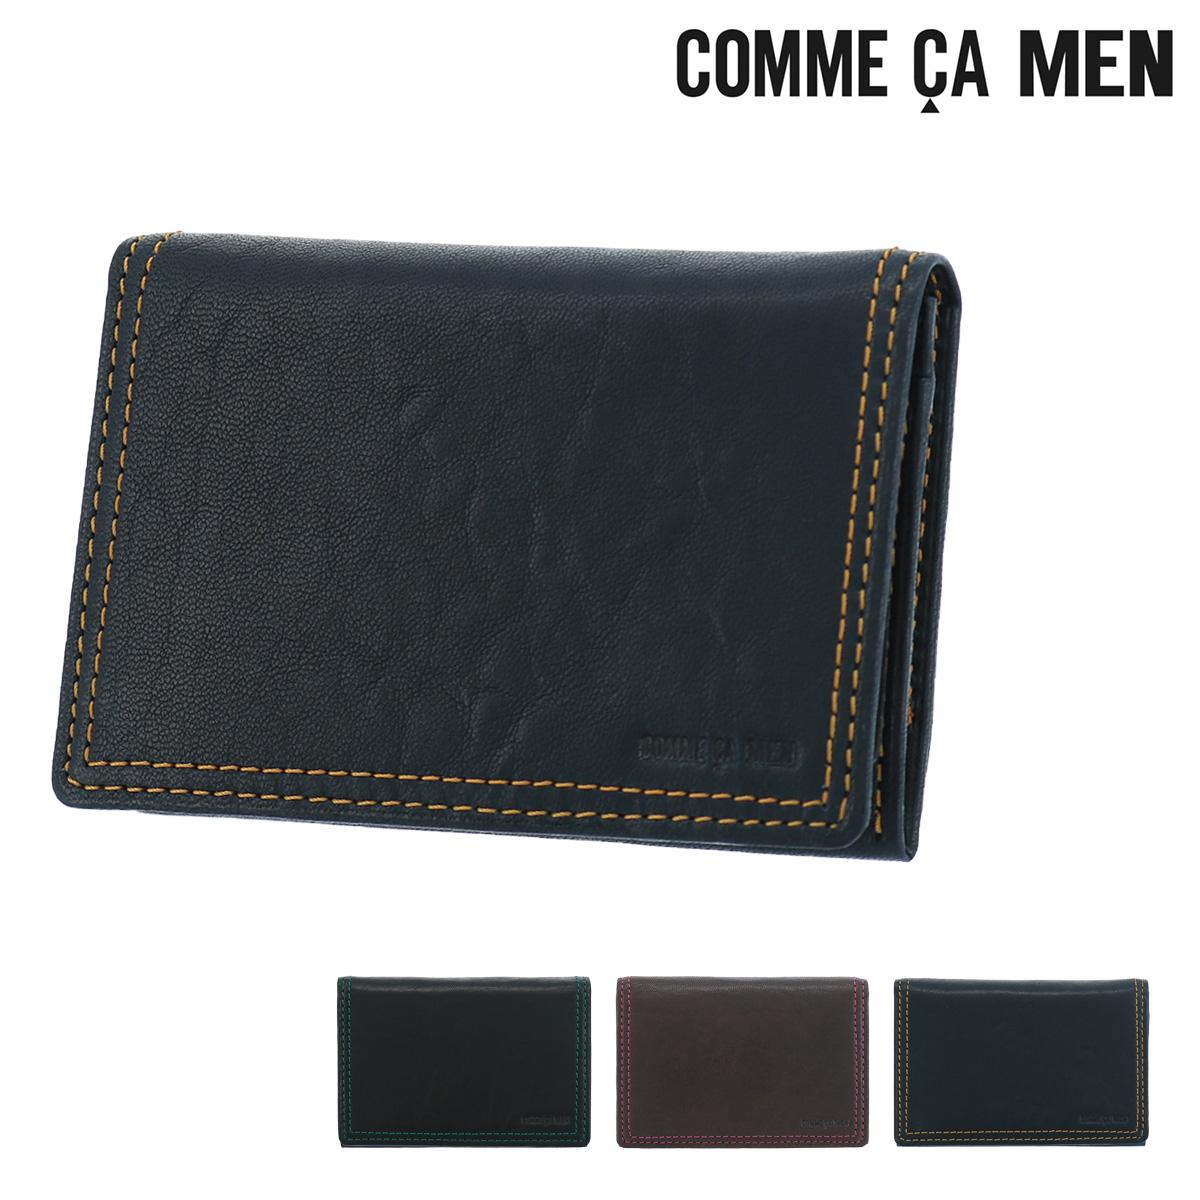 コムサメン 名刺入れ メンズ 6883 COMME CA MEN   カードケース ブランド専用BOX付き 羊革 本革 レザー 当社限定 別注モデル [PO5][bef][即日発送]